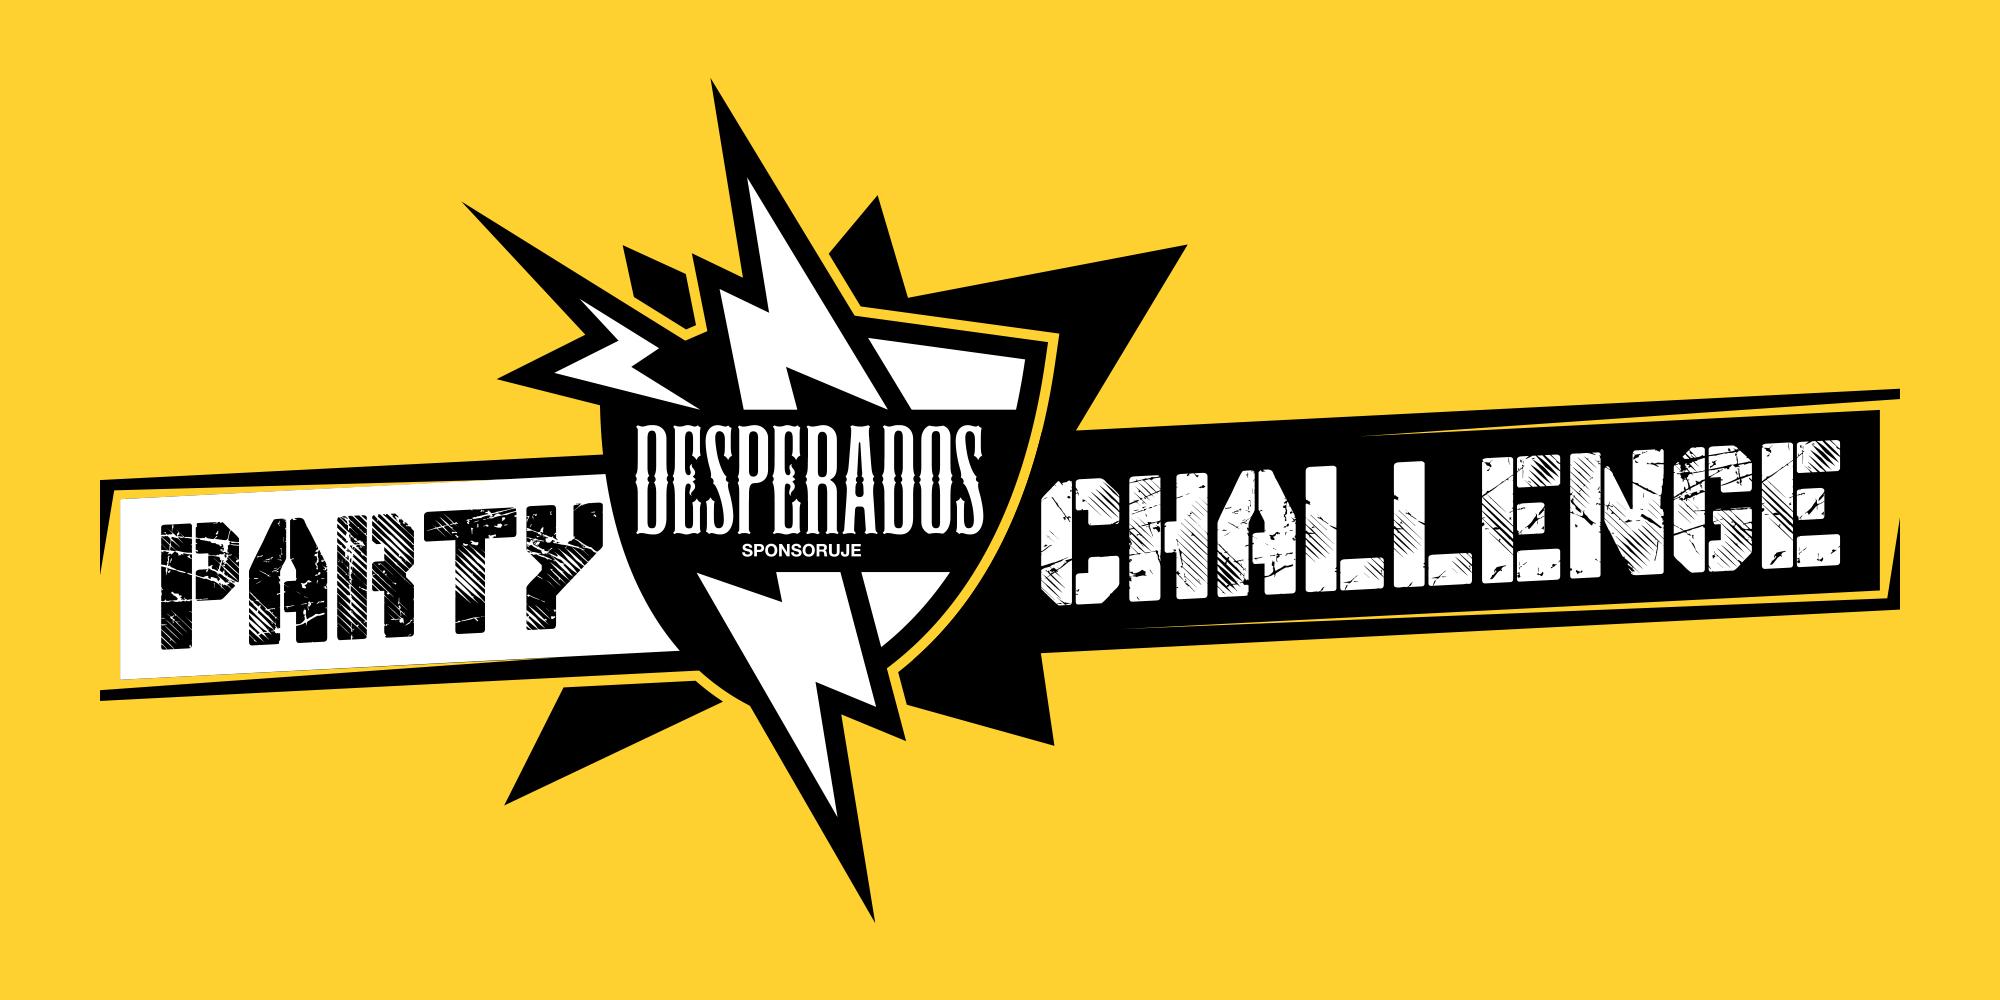 PARTY CHALLENGE BY DESPERADOS